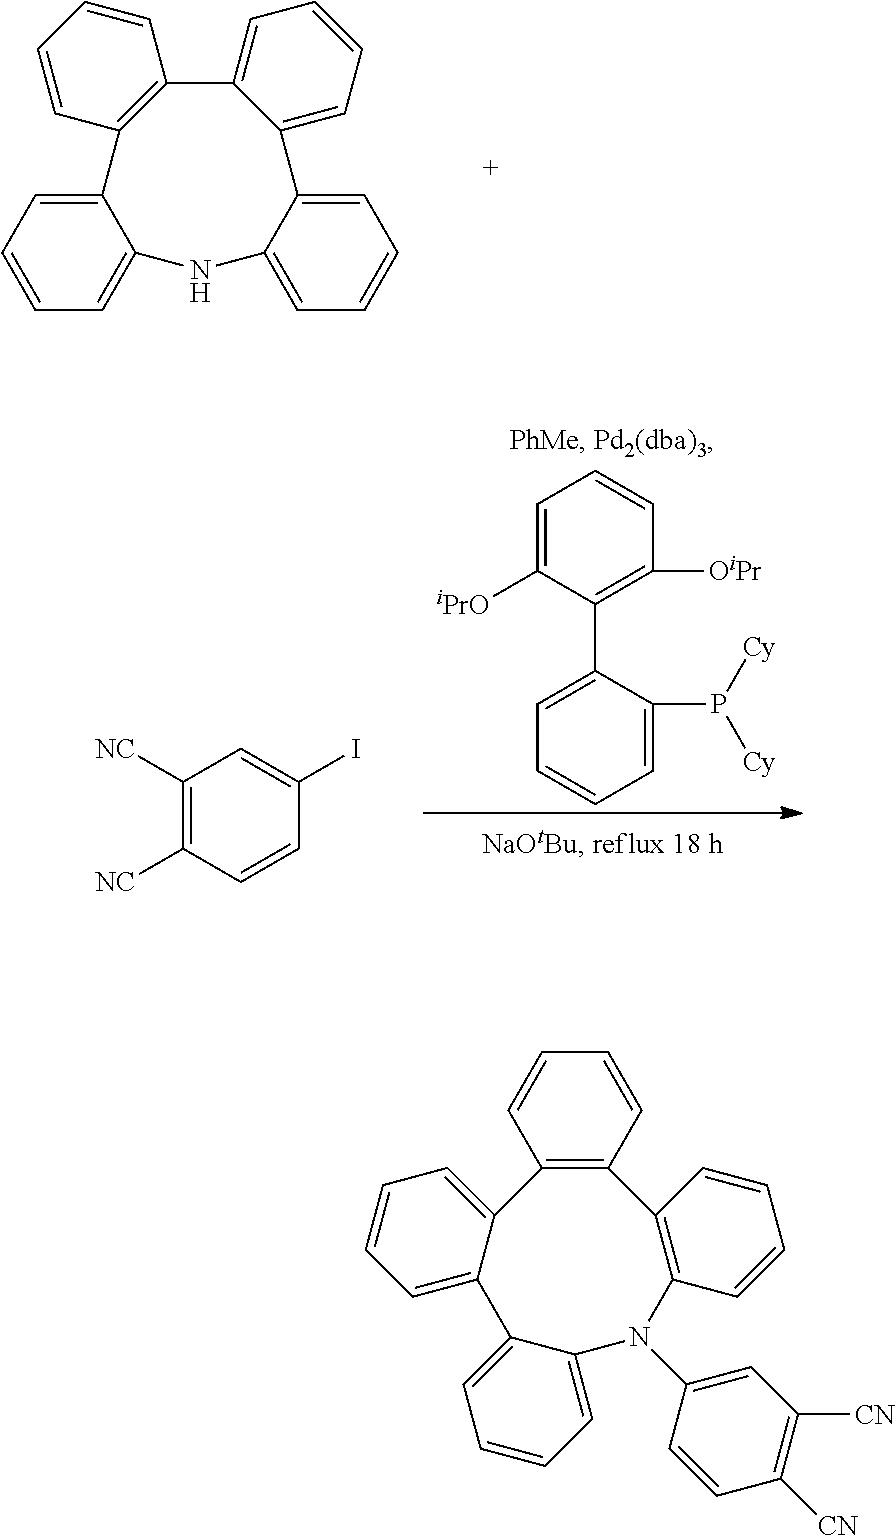 Figure US09978956-20180522-C00127